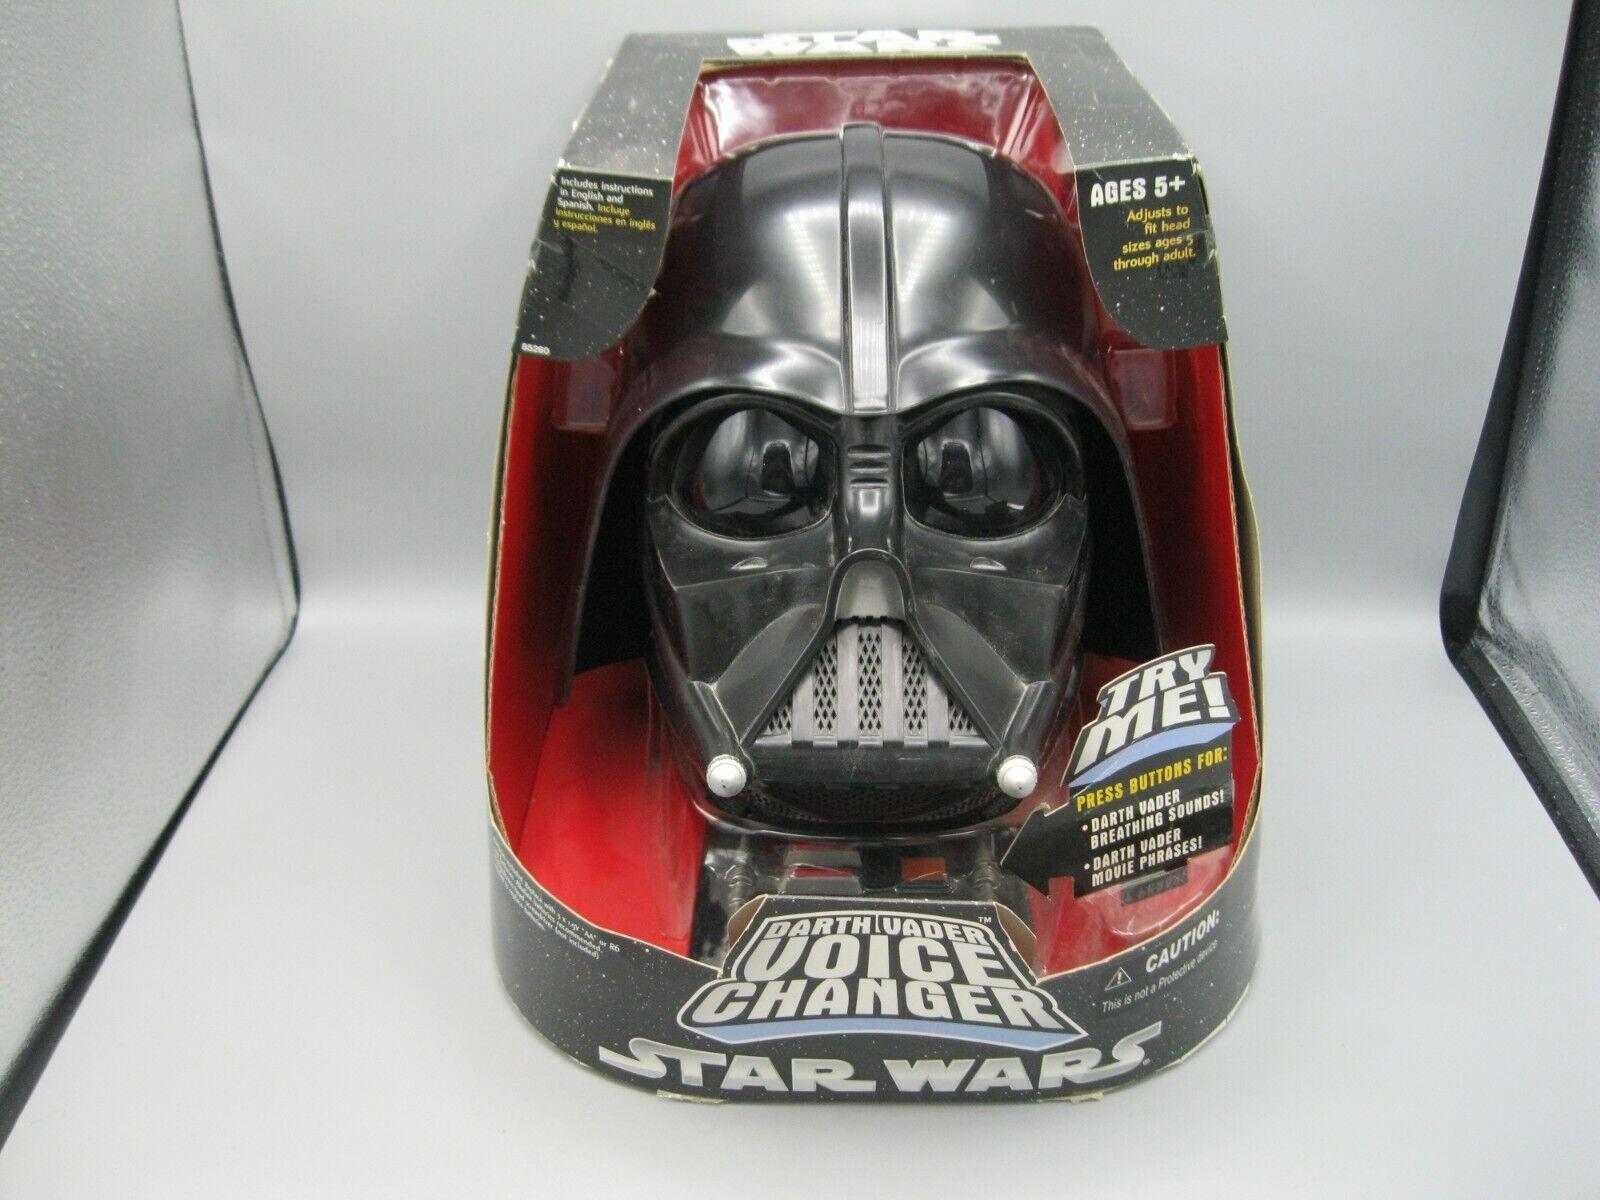 2004 Hasbro estrella guerras Trilogy Darth Vader Sith Voice Changer Helmet NIB